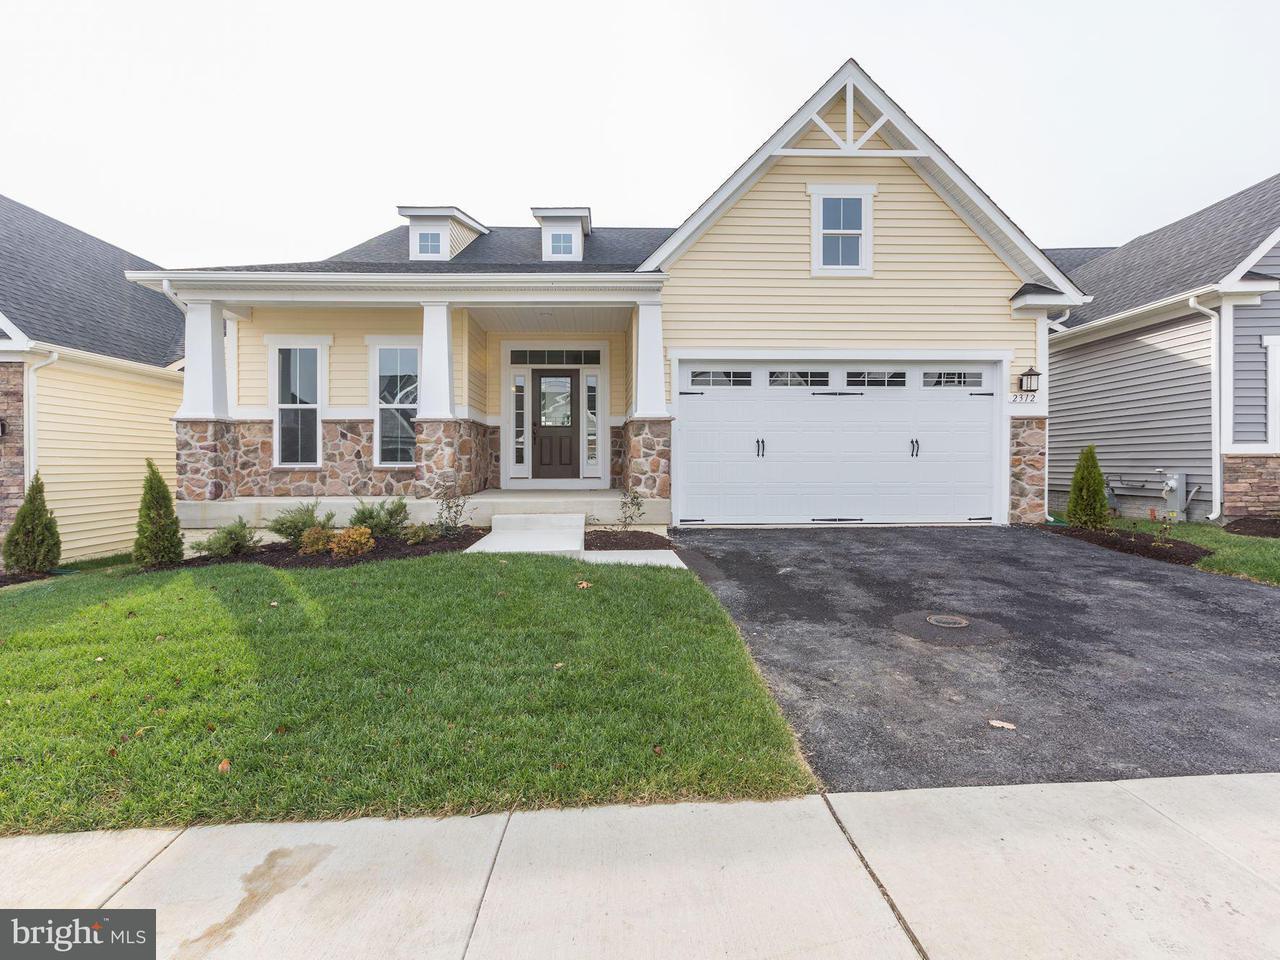 Casa Unifamiliar por un Venta en 2312 MOURNING DOVE Drive 2312 MOURNING DOVE Drive Odenton, Maryland 21113 Estados Unidos